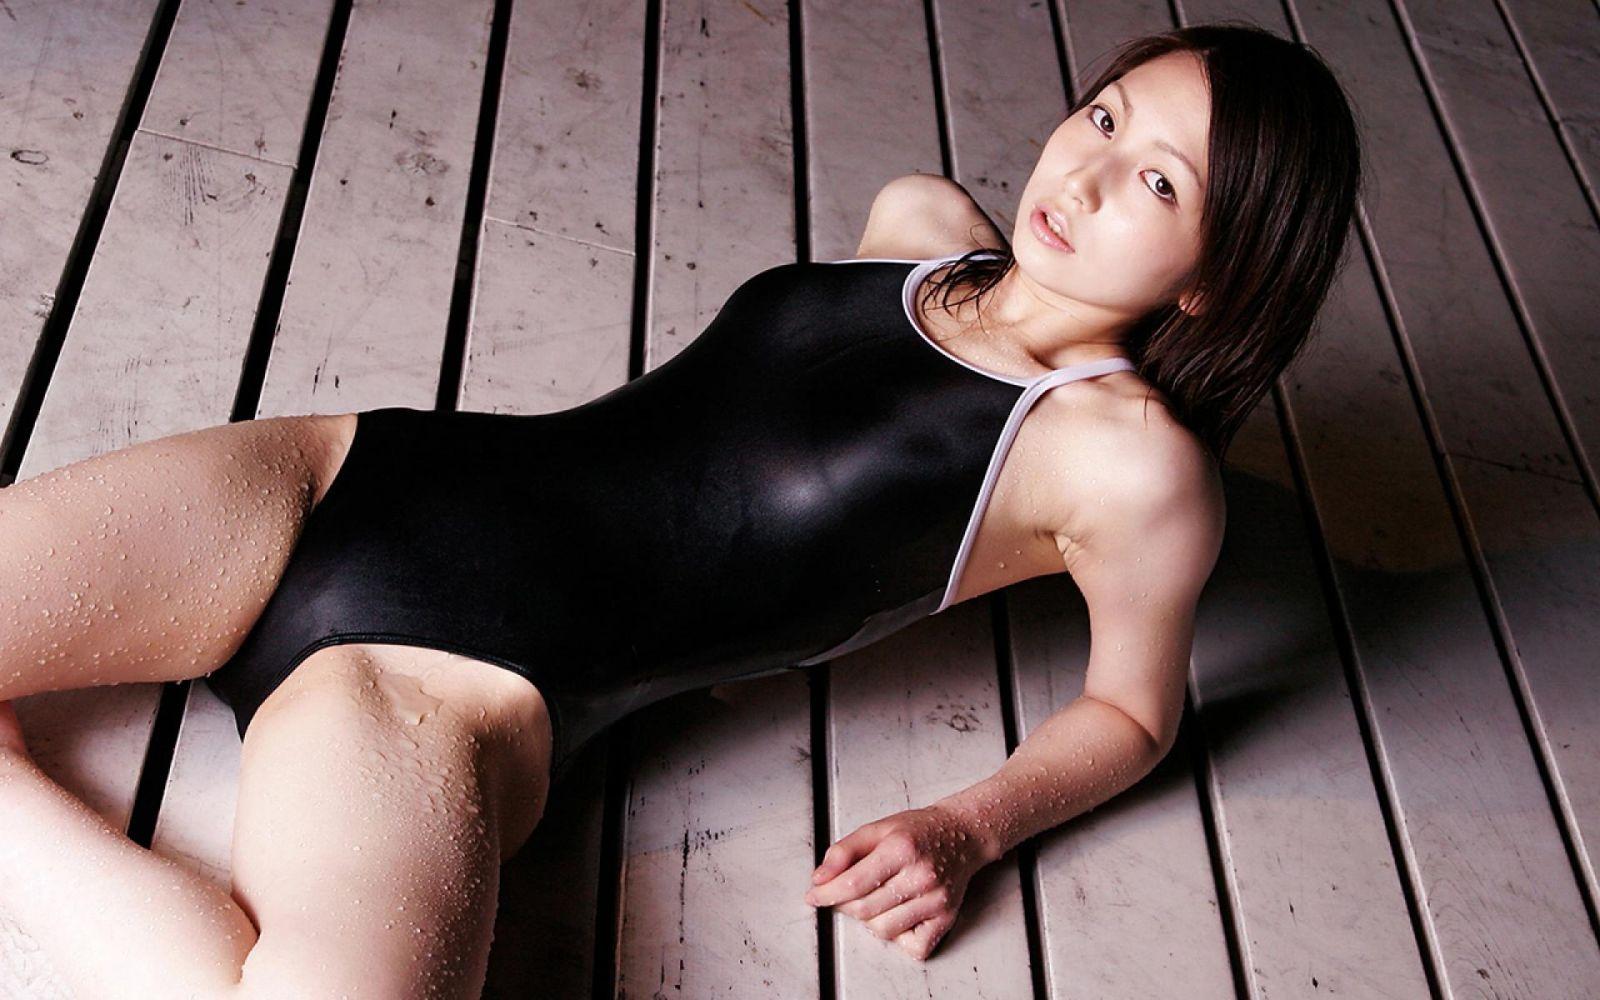 Japanese girls white swimsuit, bushy brunette pussies